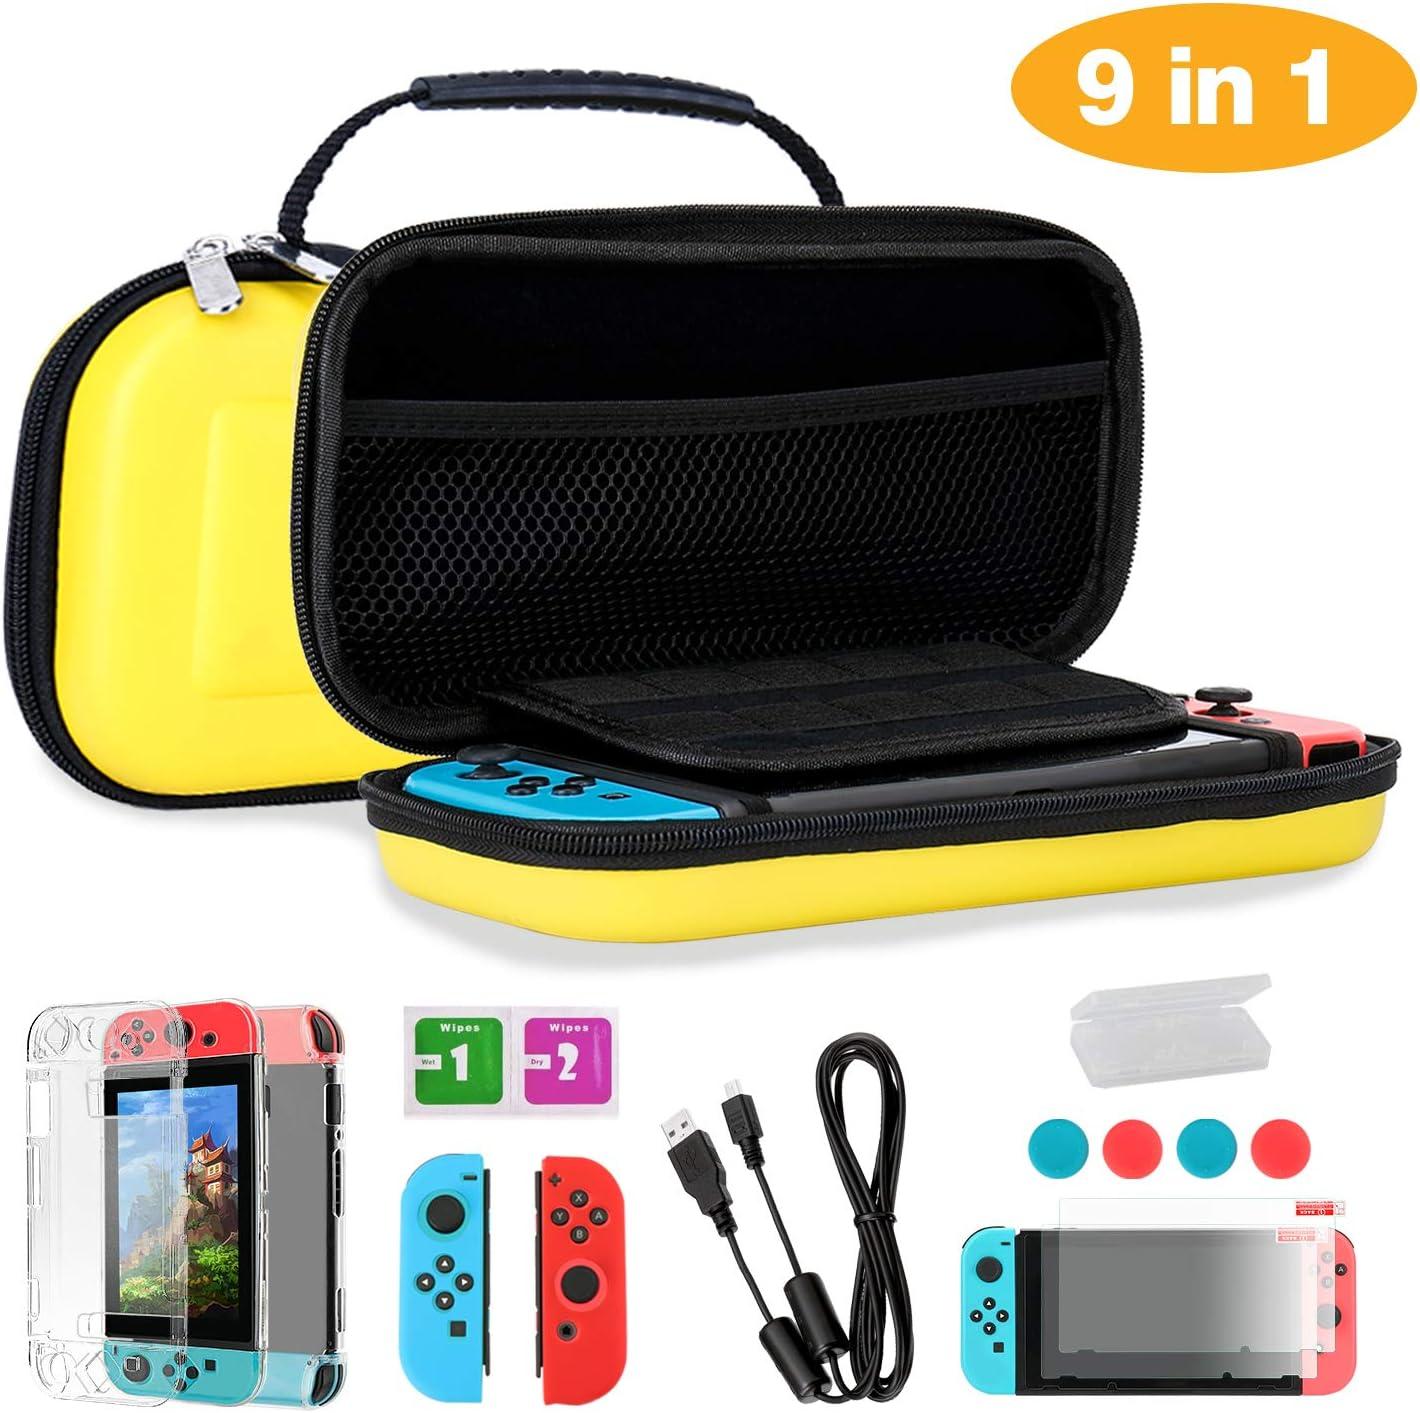 TKOOFN Fundas & Accesorios 9 en 1 Kit para Switch, EVA Estuche + 2 Fundas para Joy-con + 2 Protectores de Pantalla + Estuche Protector + 4 Tapones de Pulgar + Cable USB + Caja de Tarjetas: Amazon.es: Electrónica